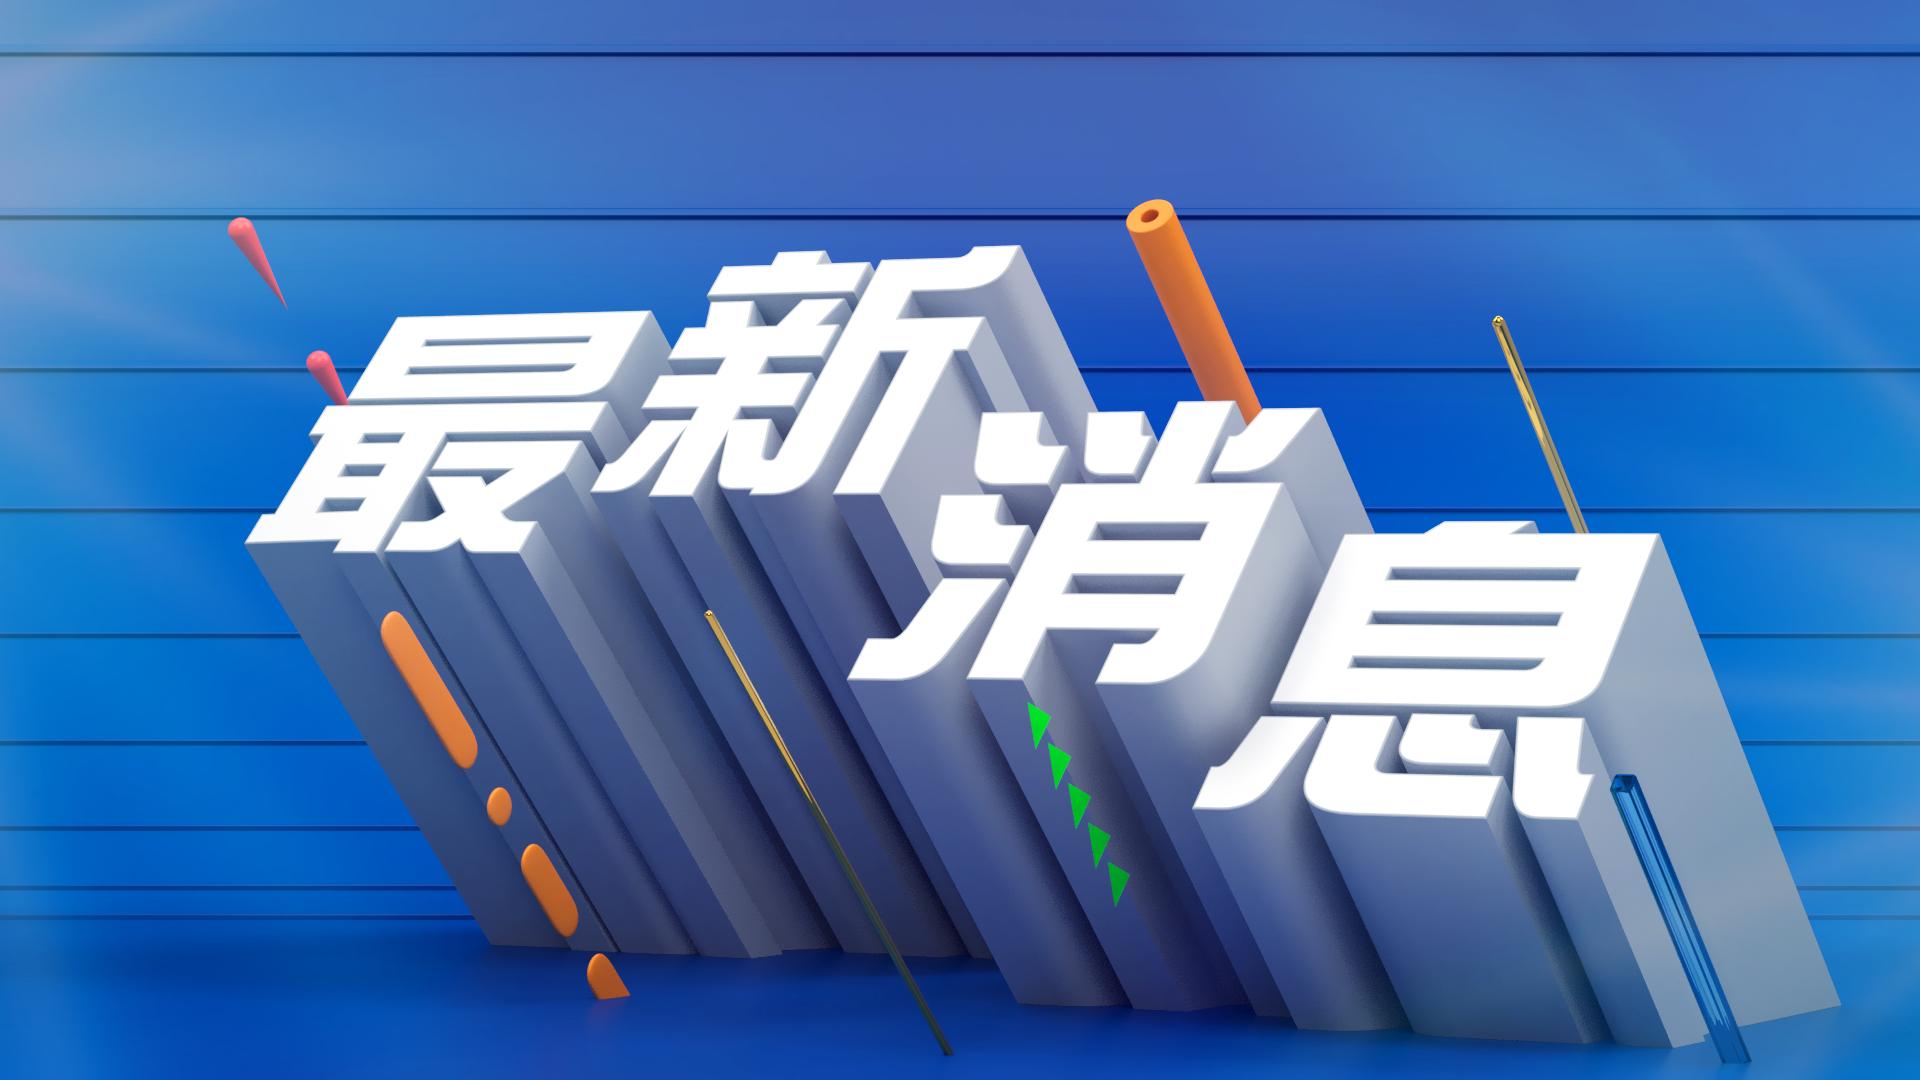 【11月21日交通消息】港鐵、巴士及渡輪最新安排(2140)